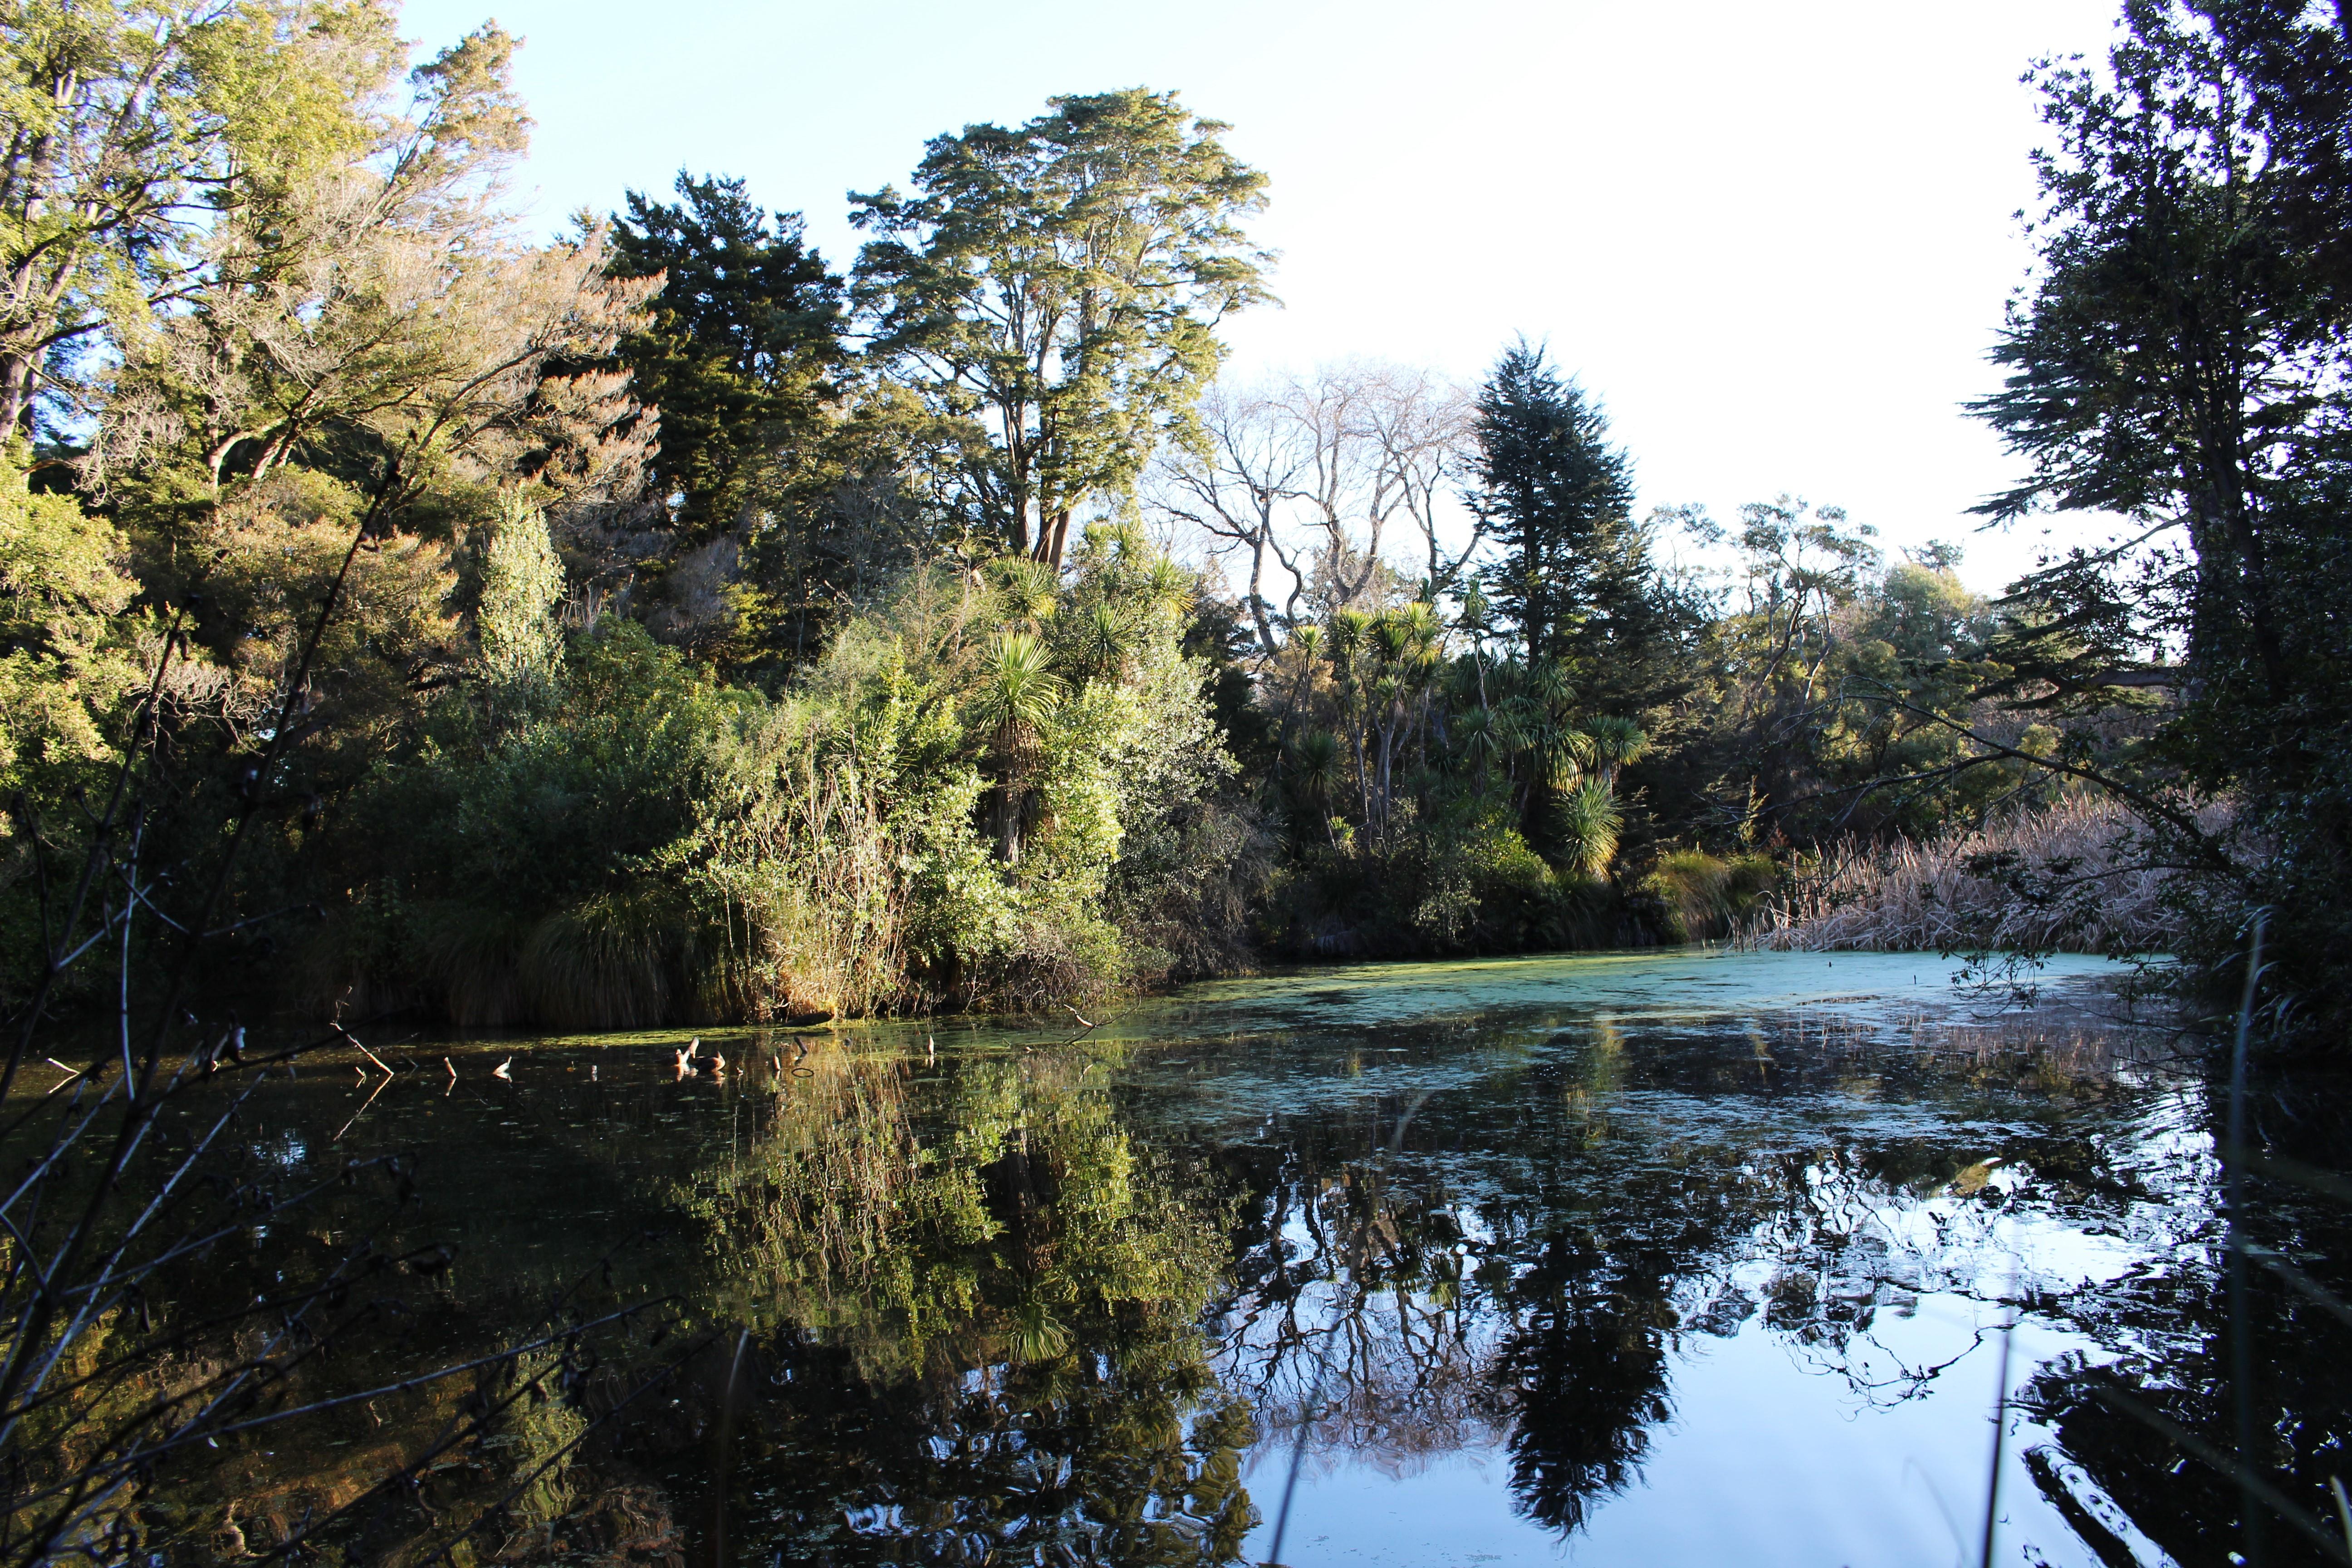 Le jardin botanique on s 39 escape for Jardin botanique hiver 2015